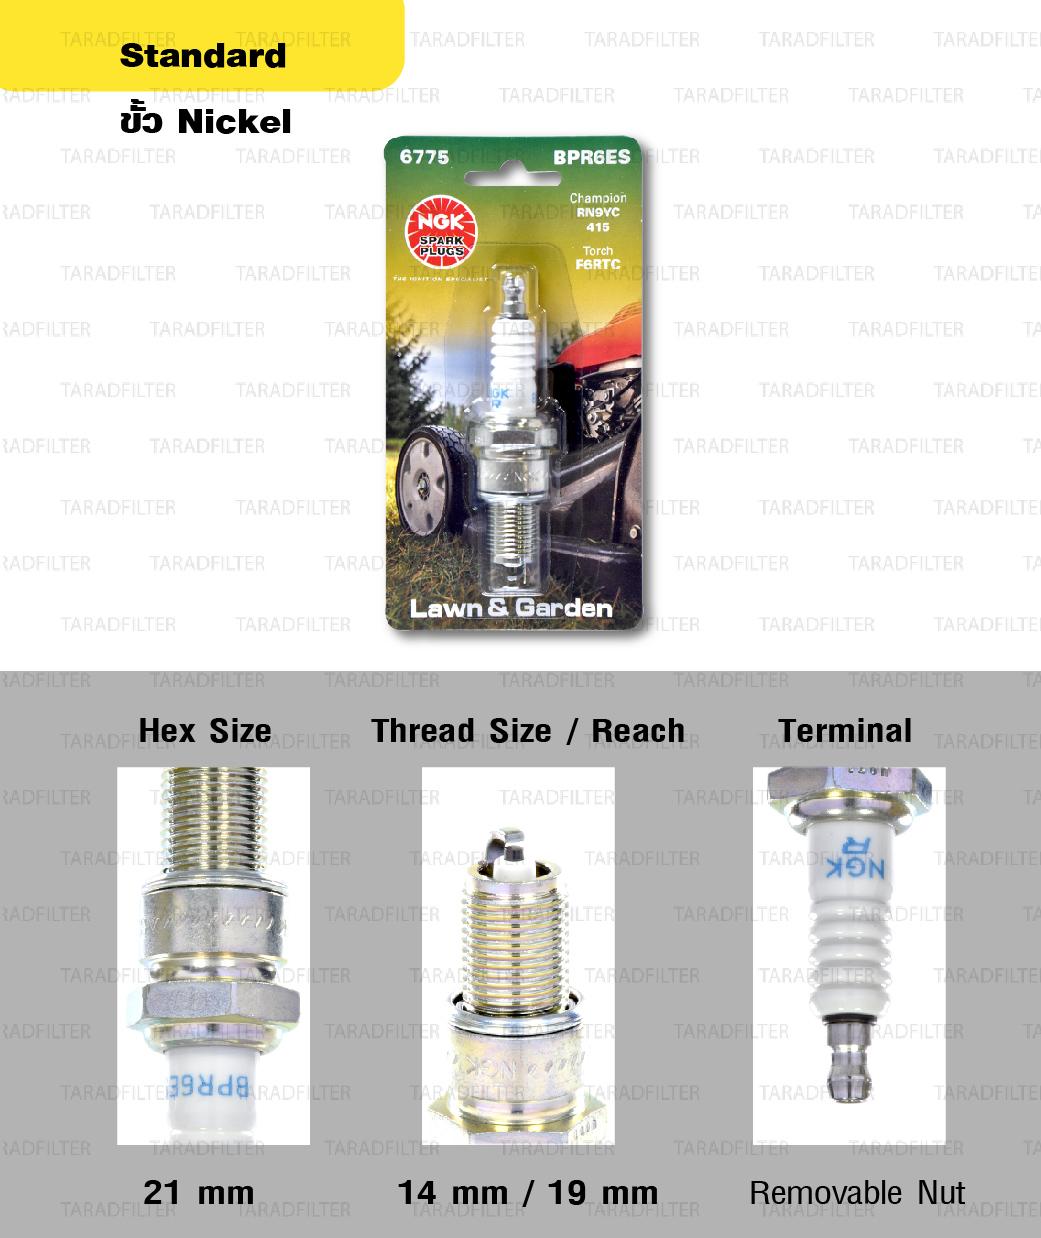 NGK หัวเทียน Standard ขั้ว Nickel ติดรถ BPR6ES (1 หัว) - Made in Japan Blister Pack